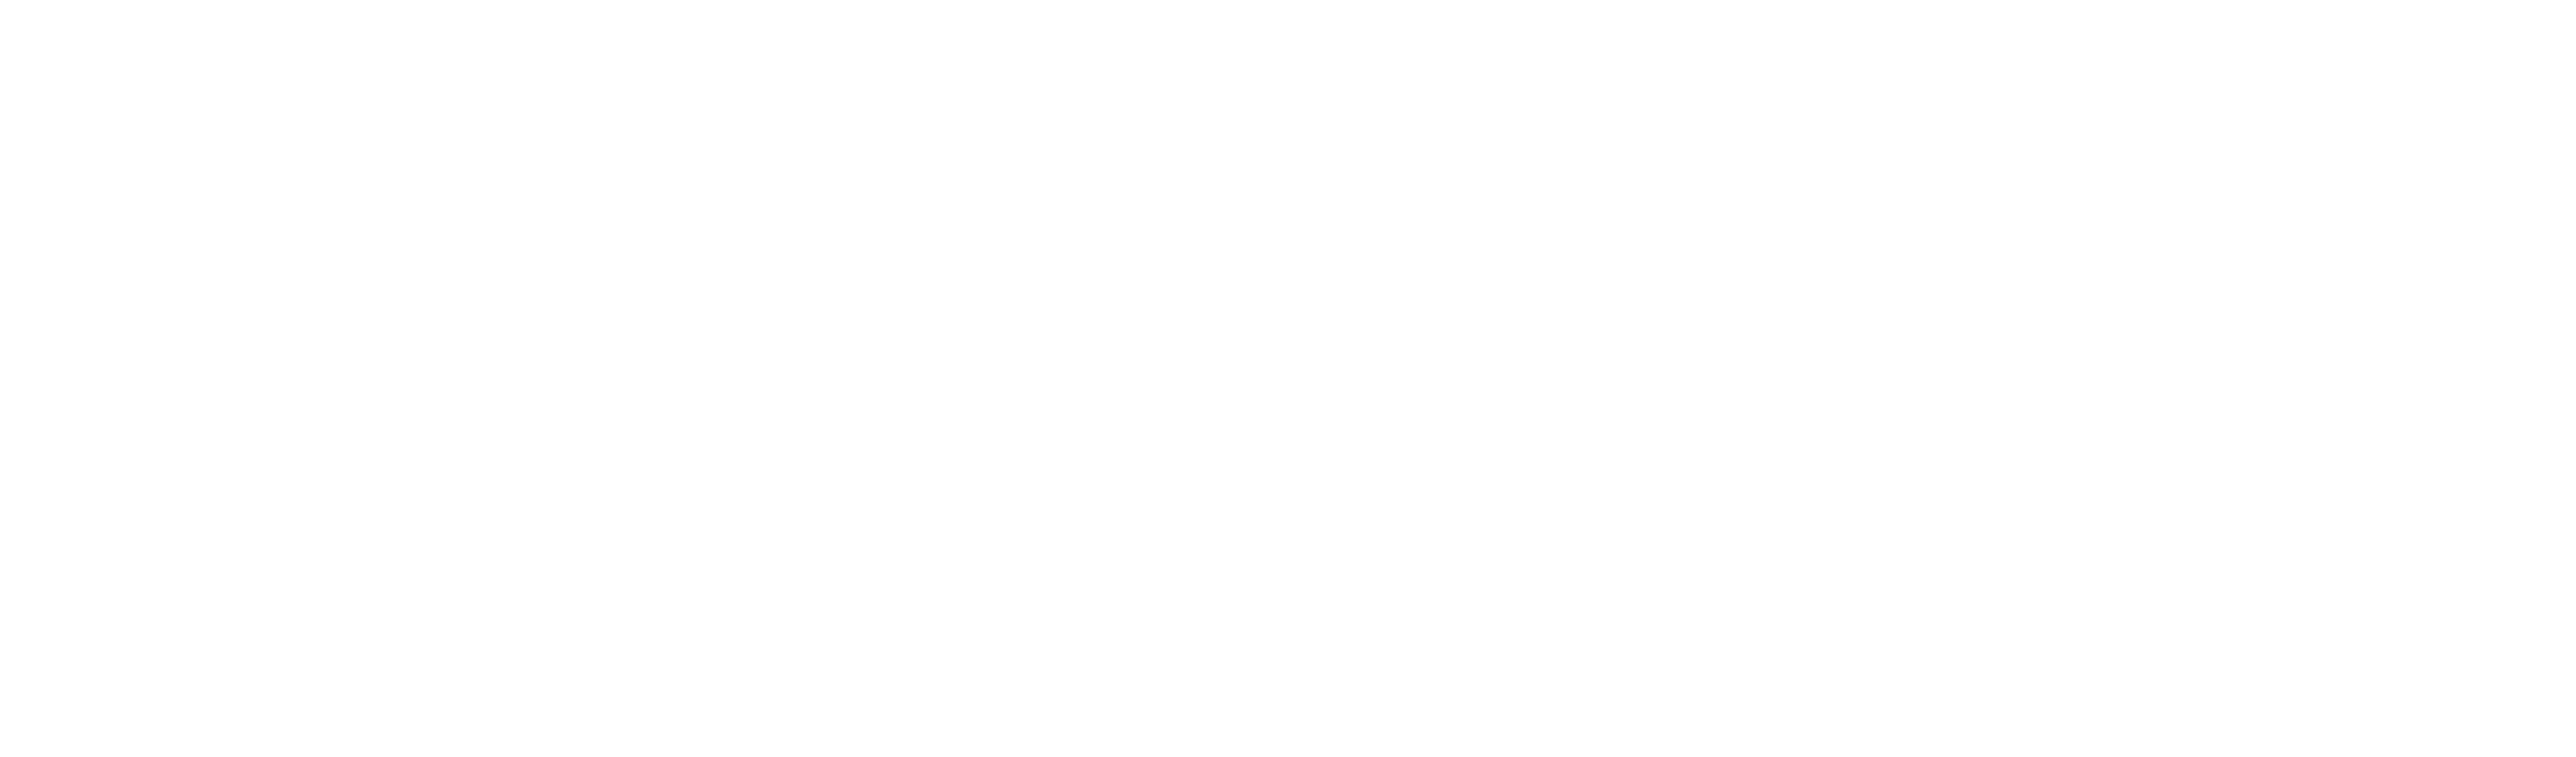 Netx 3 - White